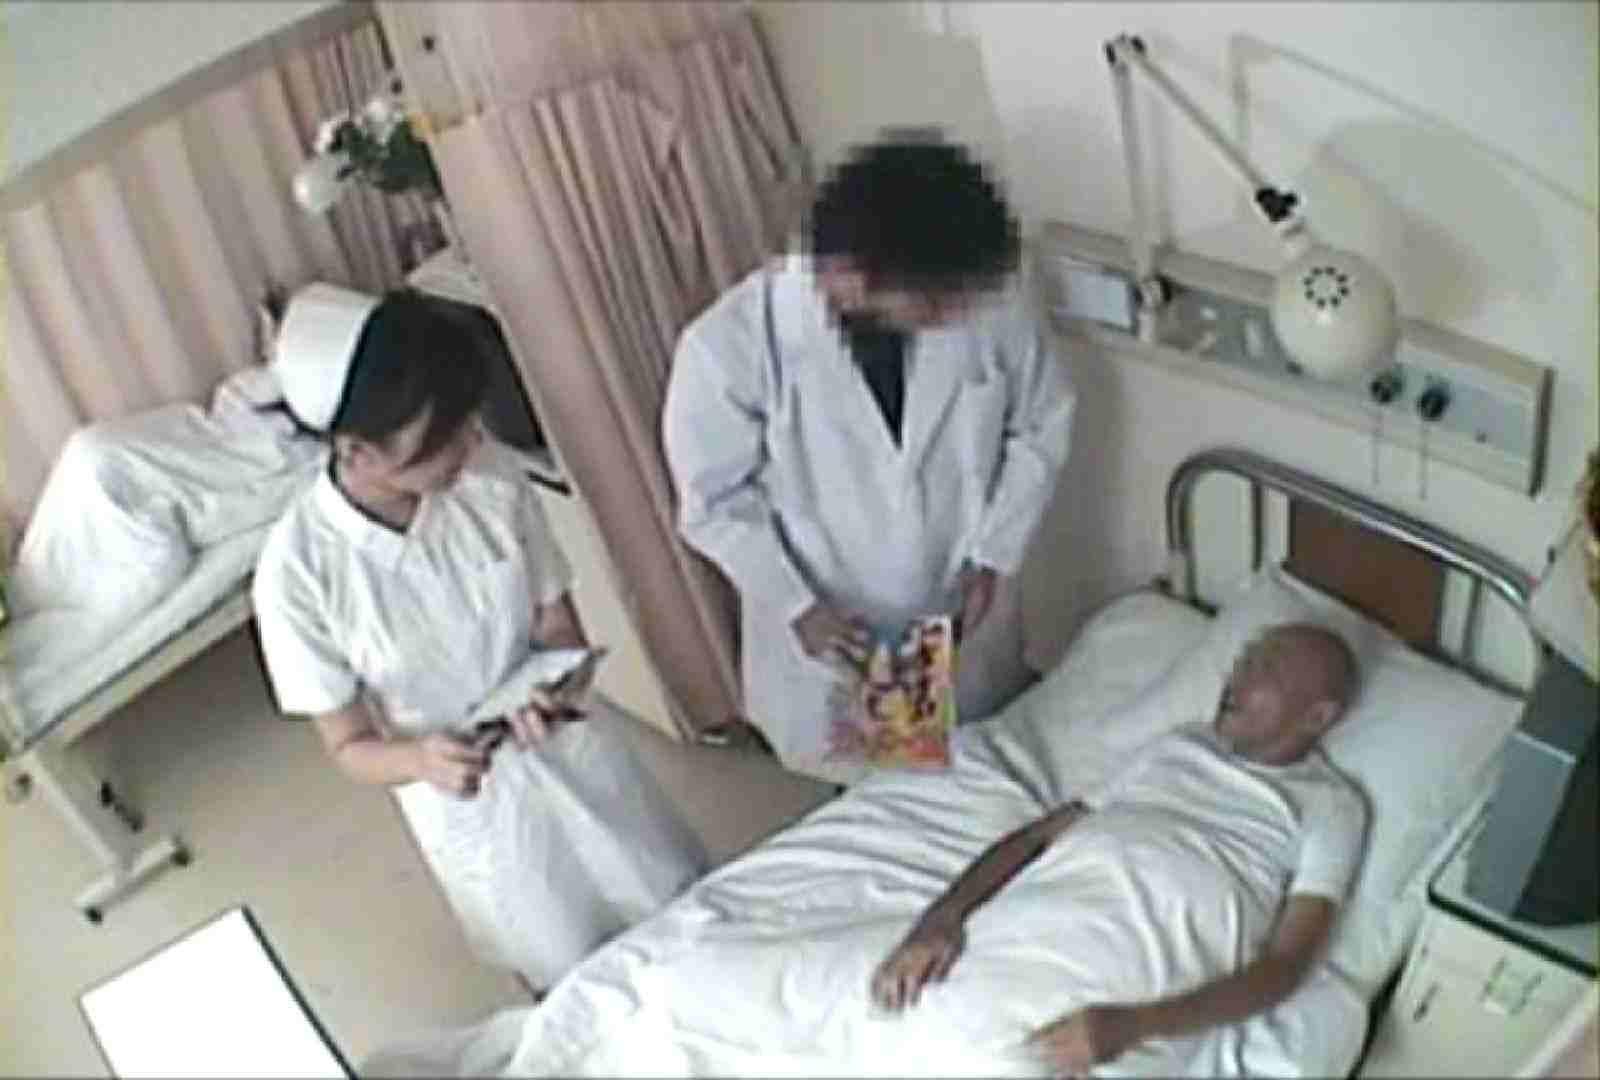 絶対に逝ってはいけない寸止め病棟Vol.3 OLヌード天国 | 0  95PIX 91